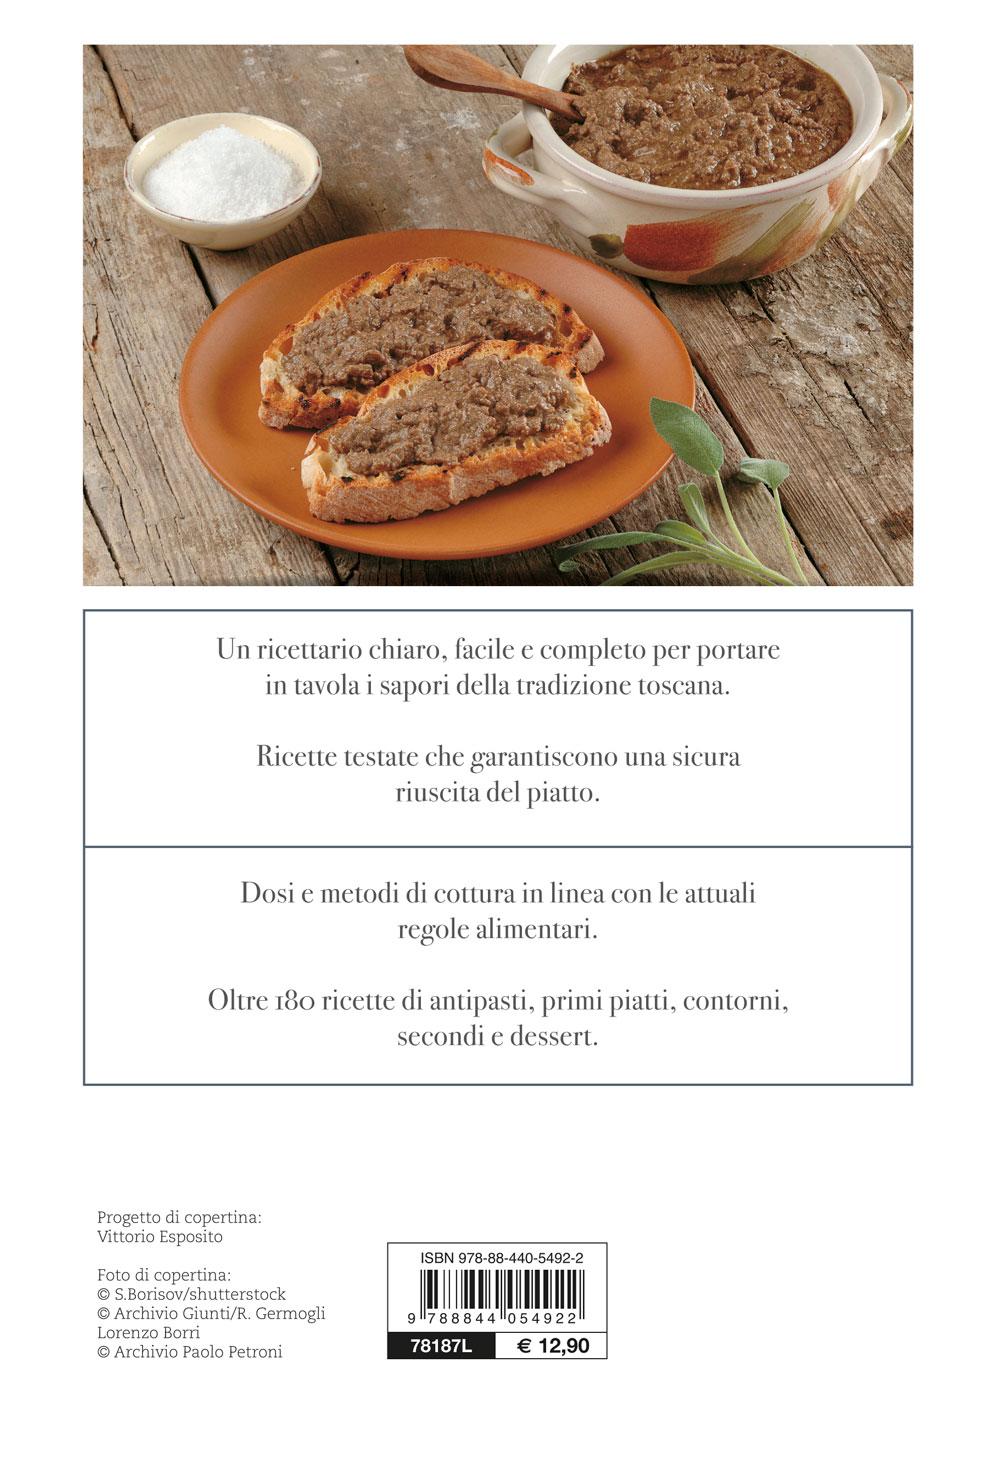 Ricette della cucina toscana